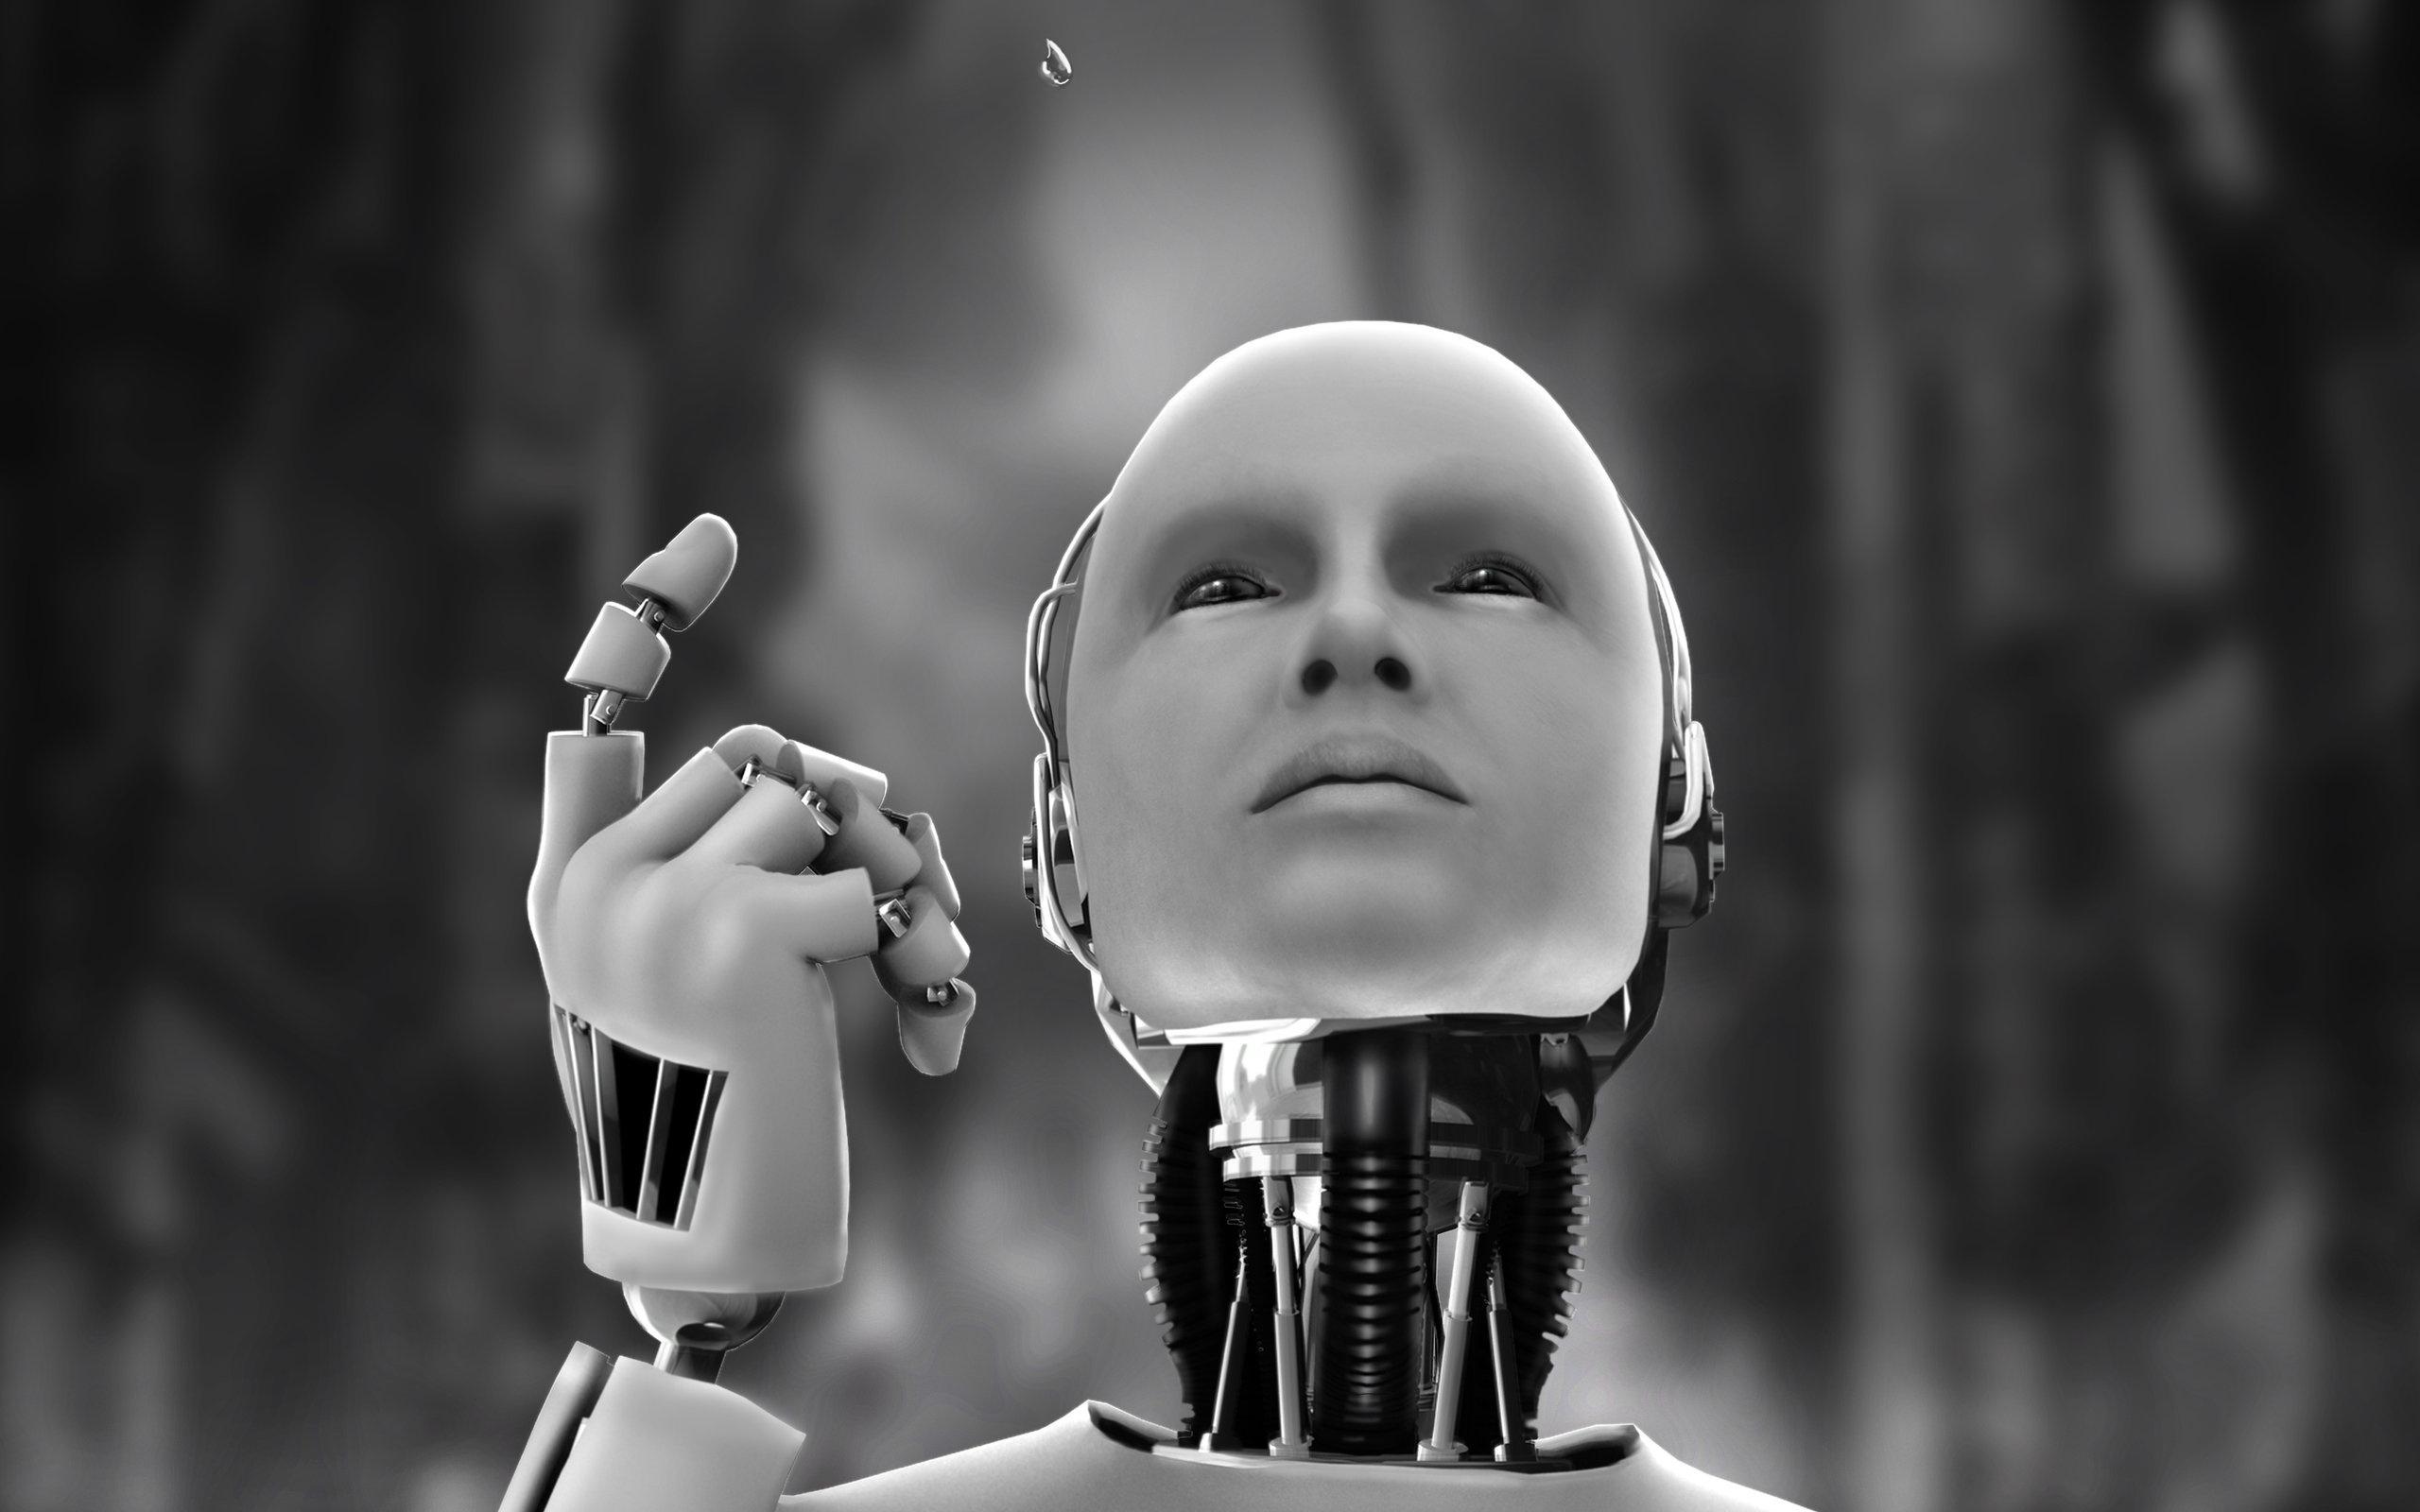 Apres-l-Arabie-Saoudite-c-est-le-Japon-qui-offre-la-nationalite- a-un-robot